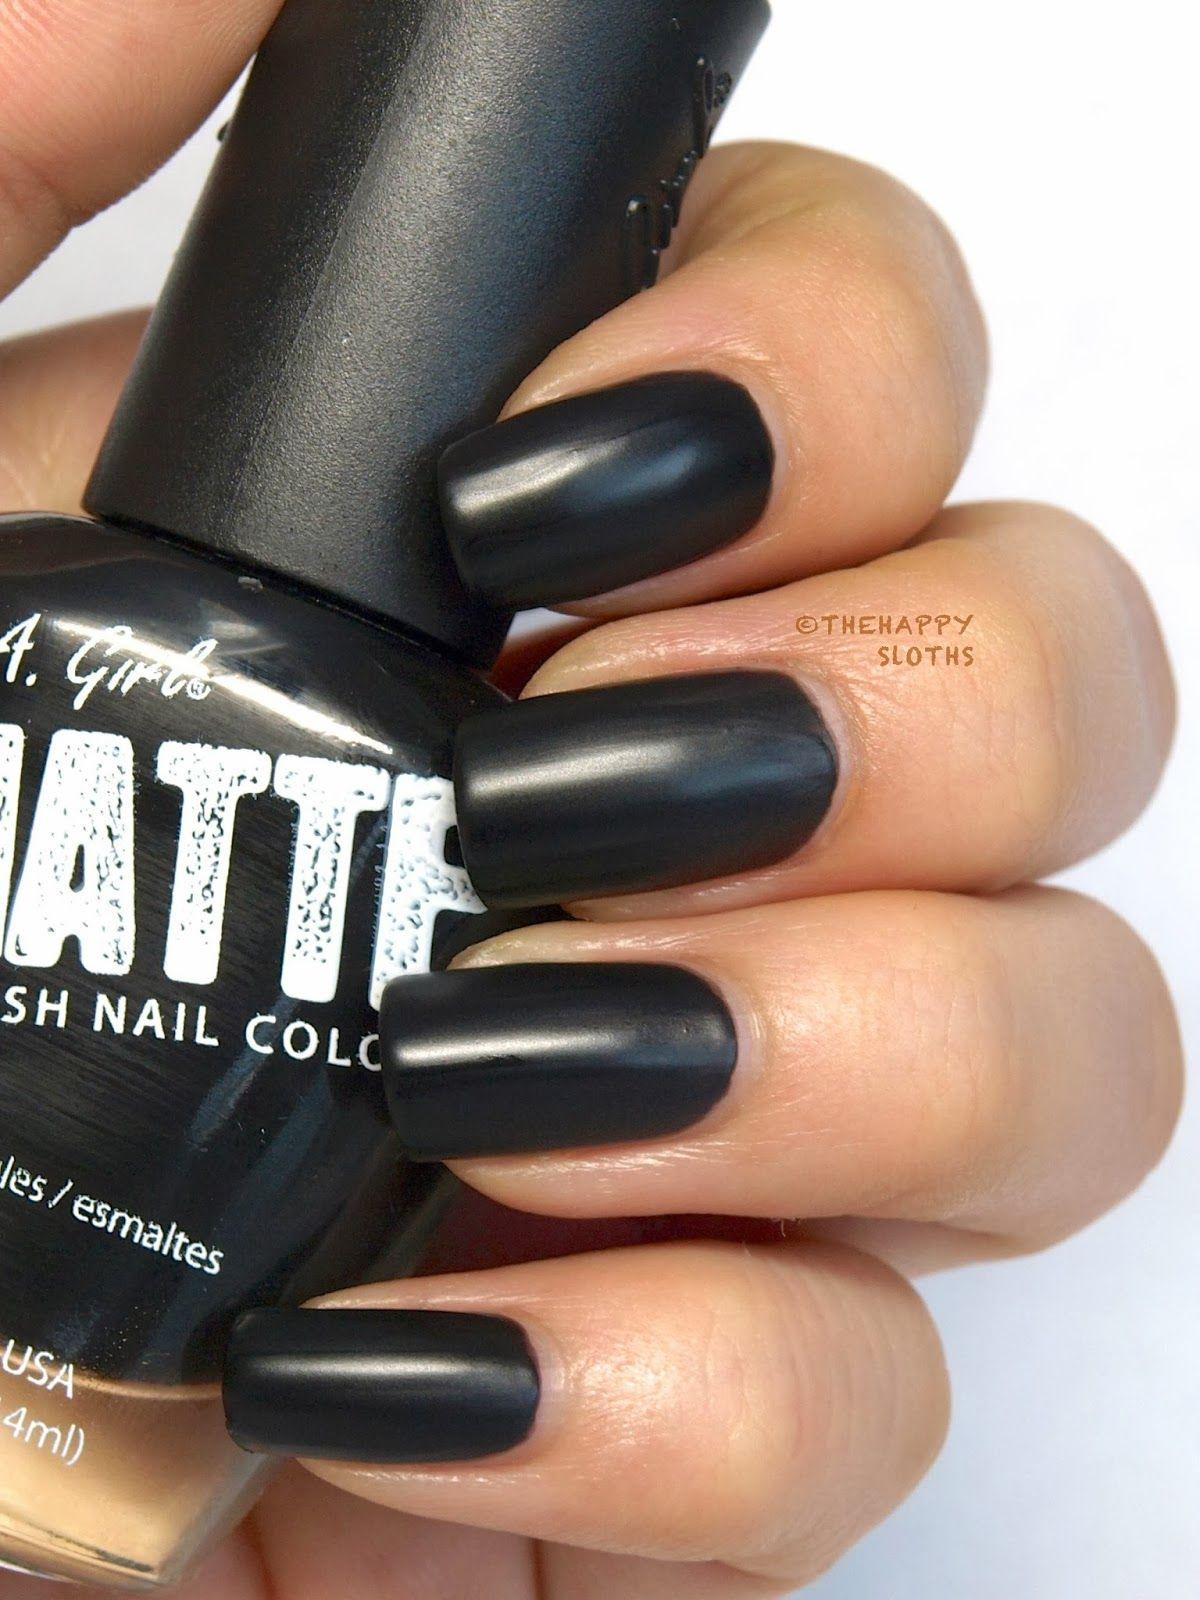 L.A Girl Matte Finish Nail Polish in \